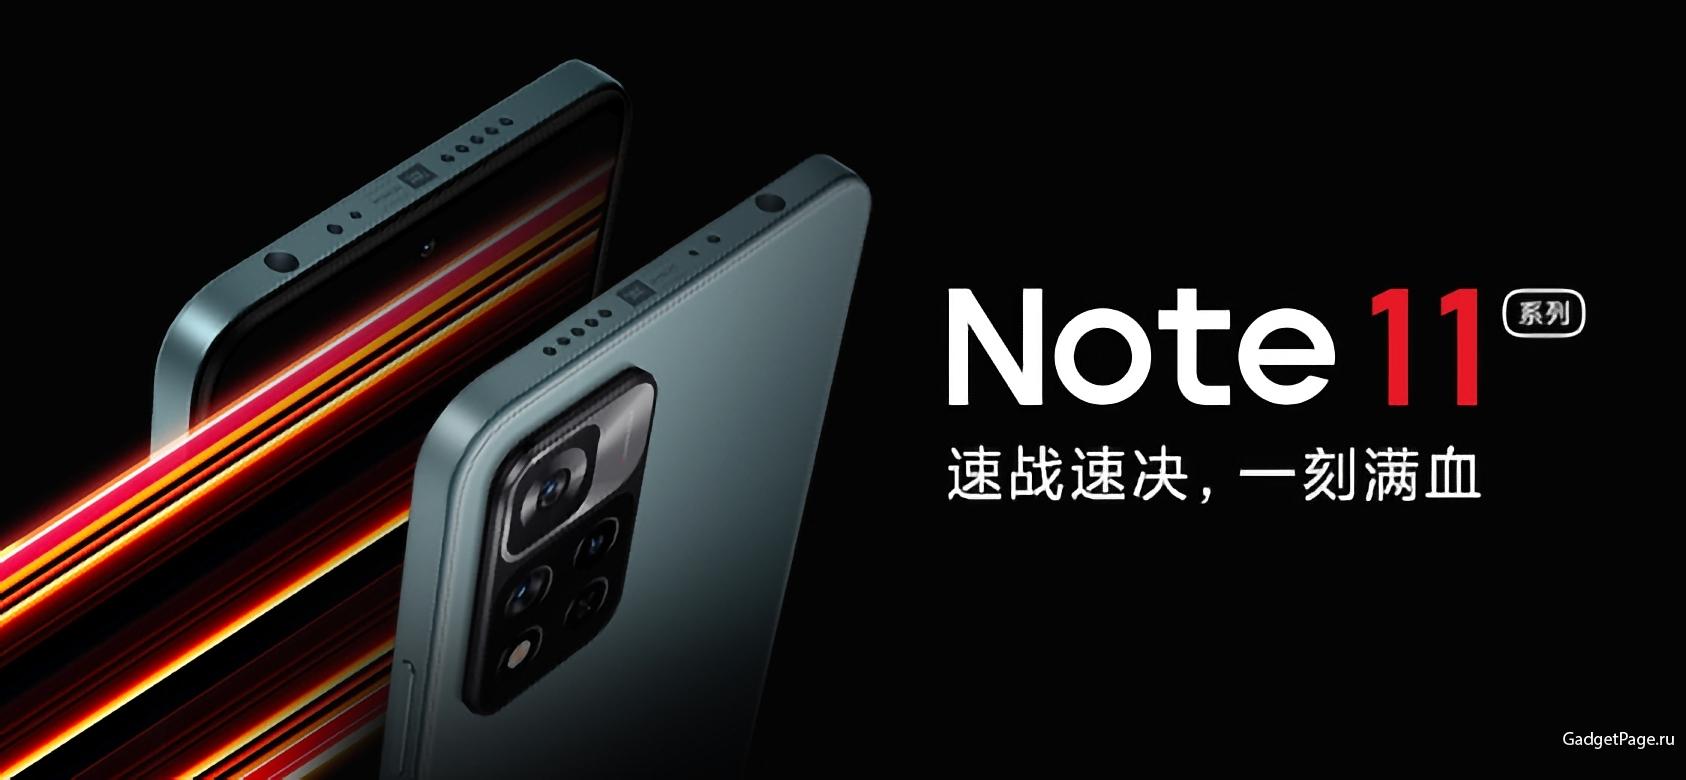 Объявлена дата анонса Redmi Note 11. Ждём на следующей неделе!